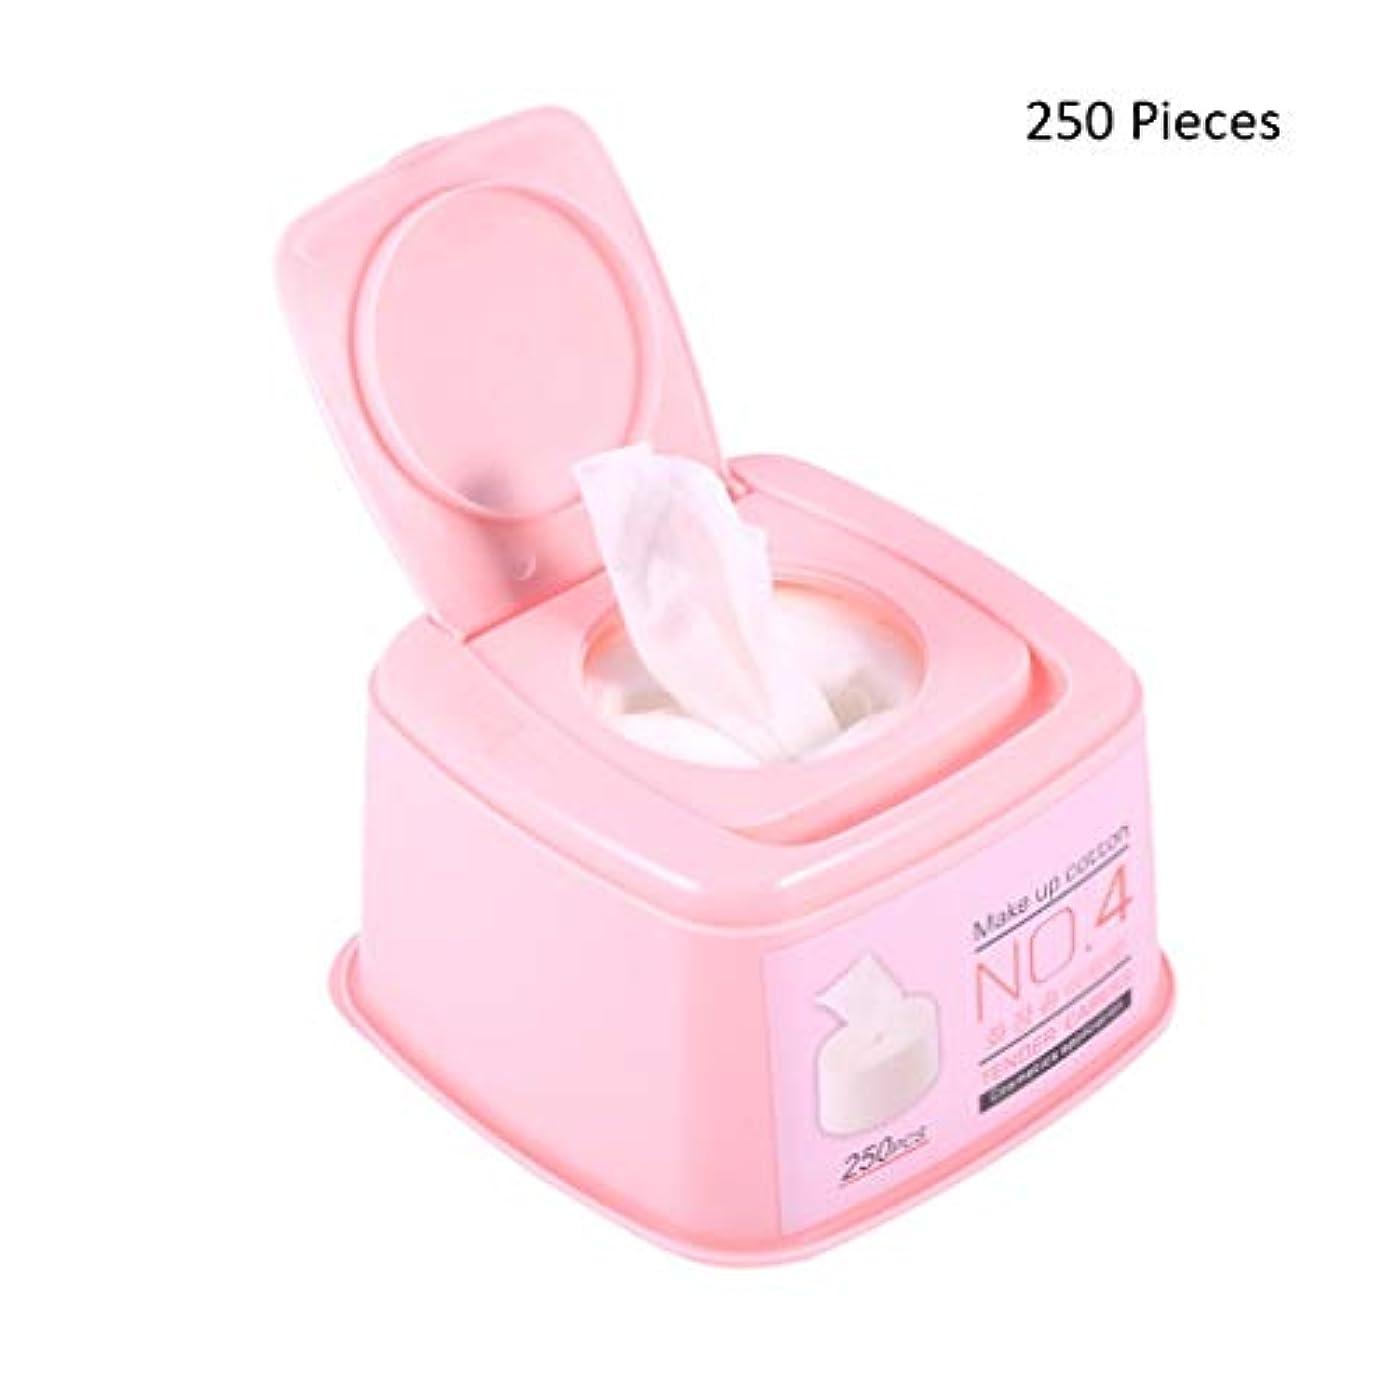 痛みぶどう残基250ピース/ボックスフェイスメイクリムーバーパッドメイクアップコットンワイプディープフェイシャルアイクレンジングスキンケアフェイスウォッシュ化粧品ツール (Color : Pink, サイズ : 11.5*11.5*7cm)